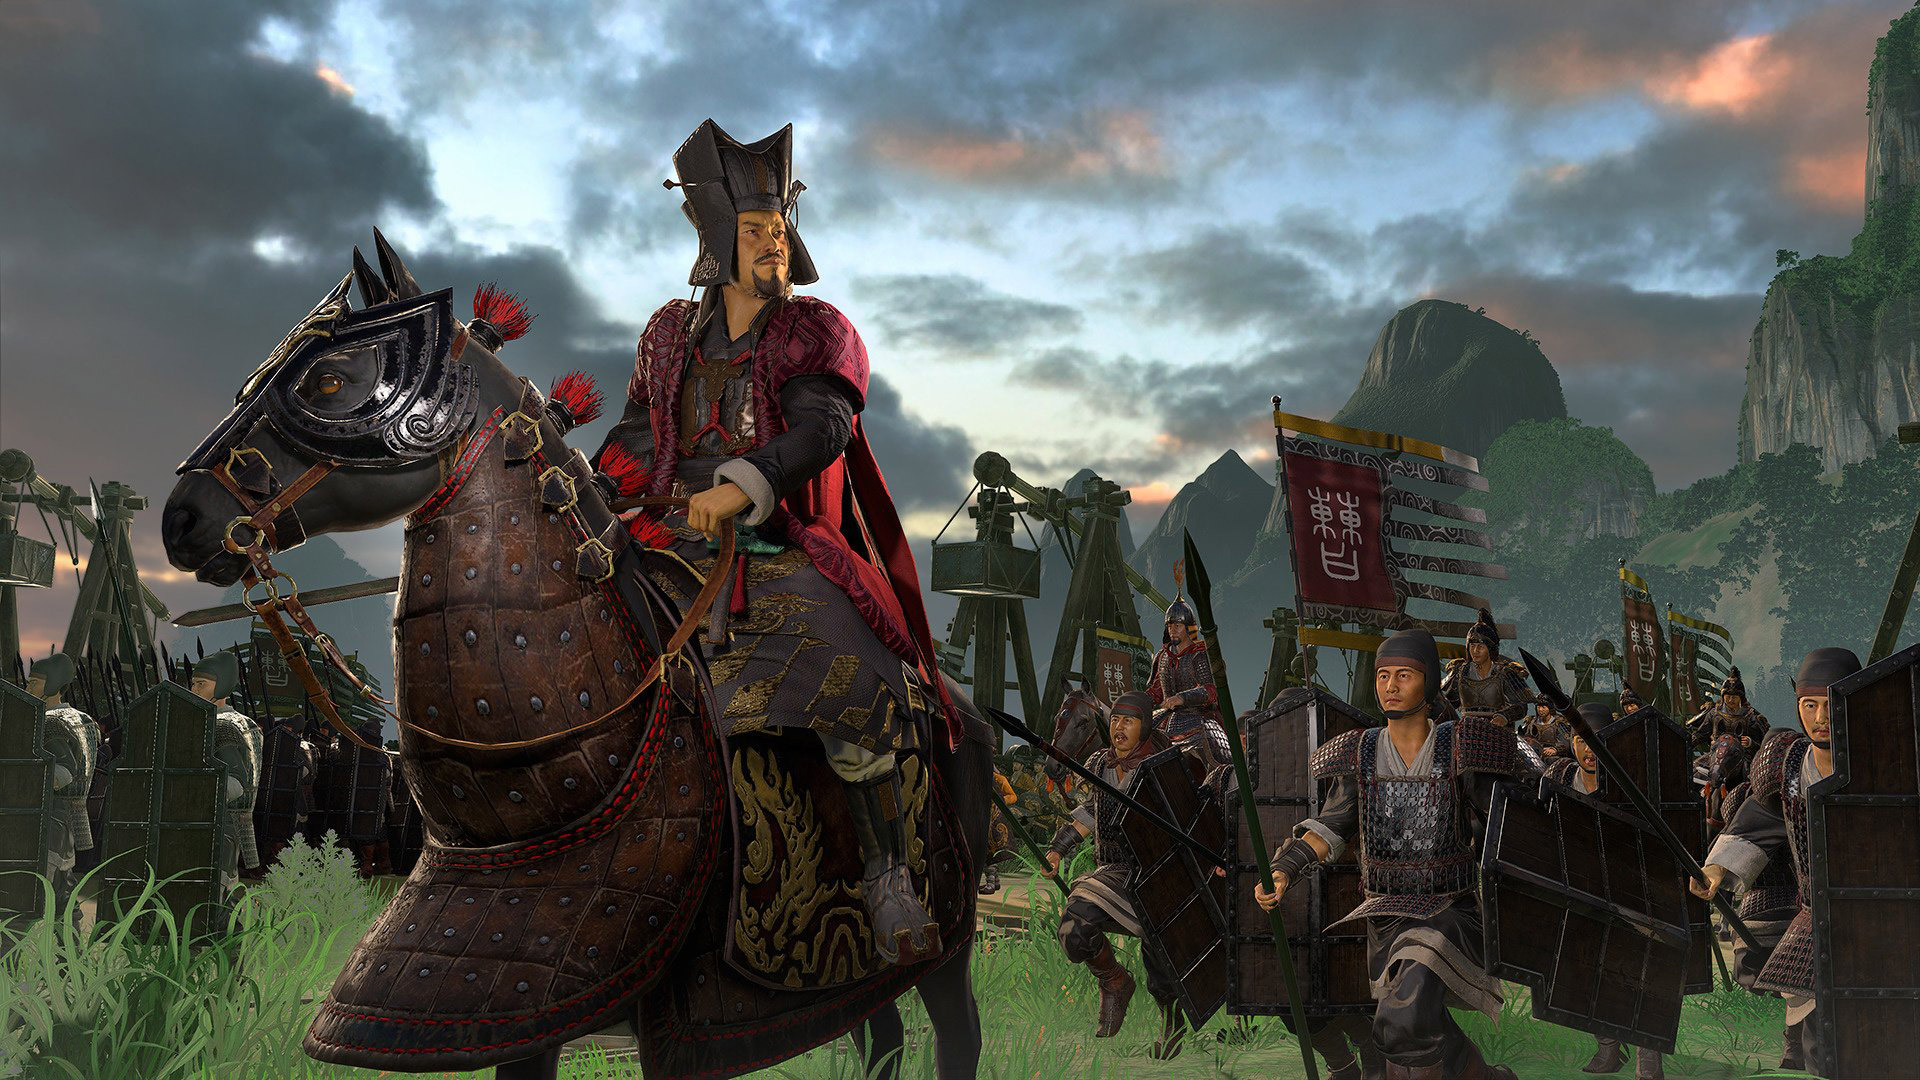 Free Total War: Three Kingdoms Wallpaper in 1920x1080